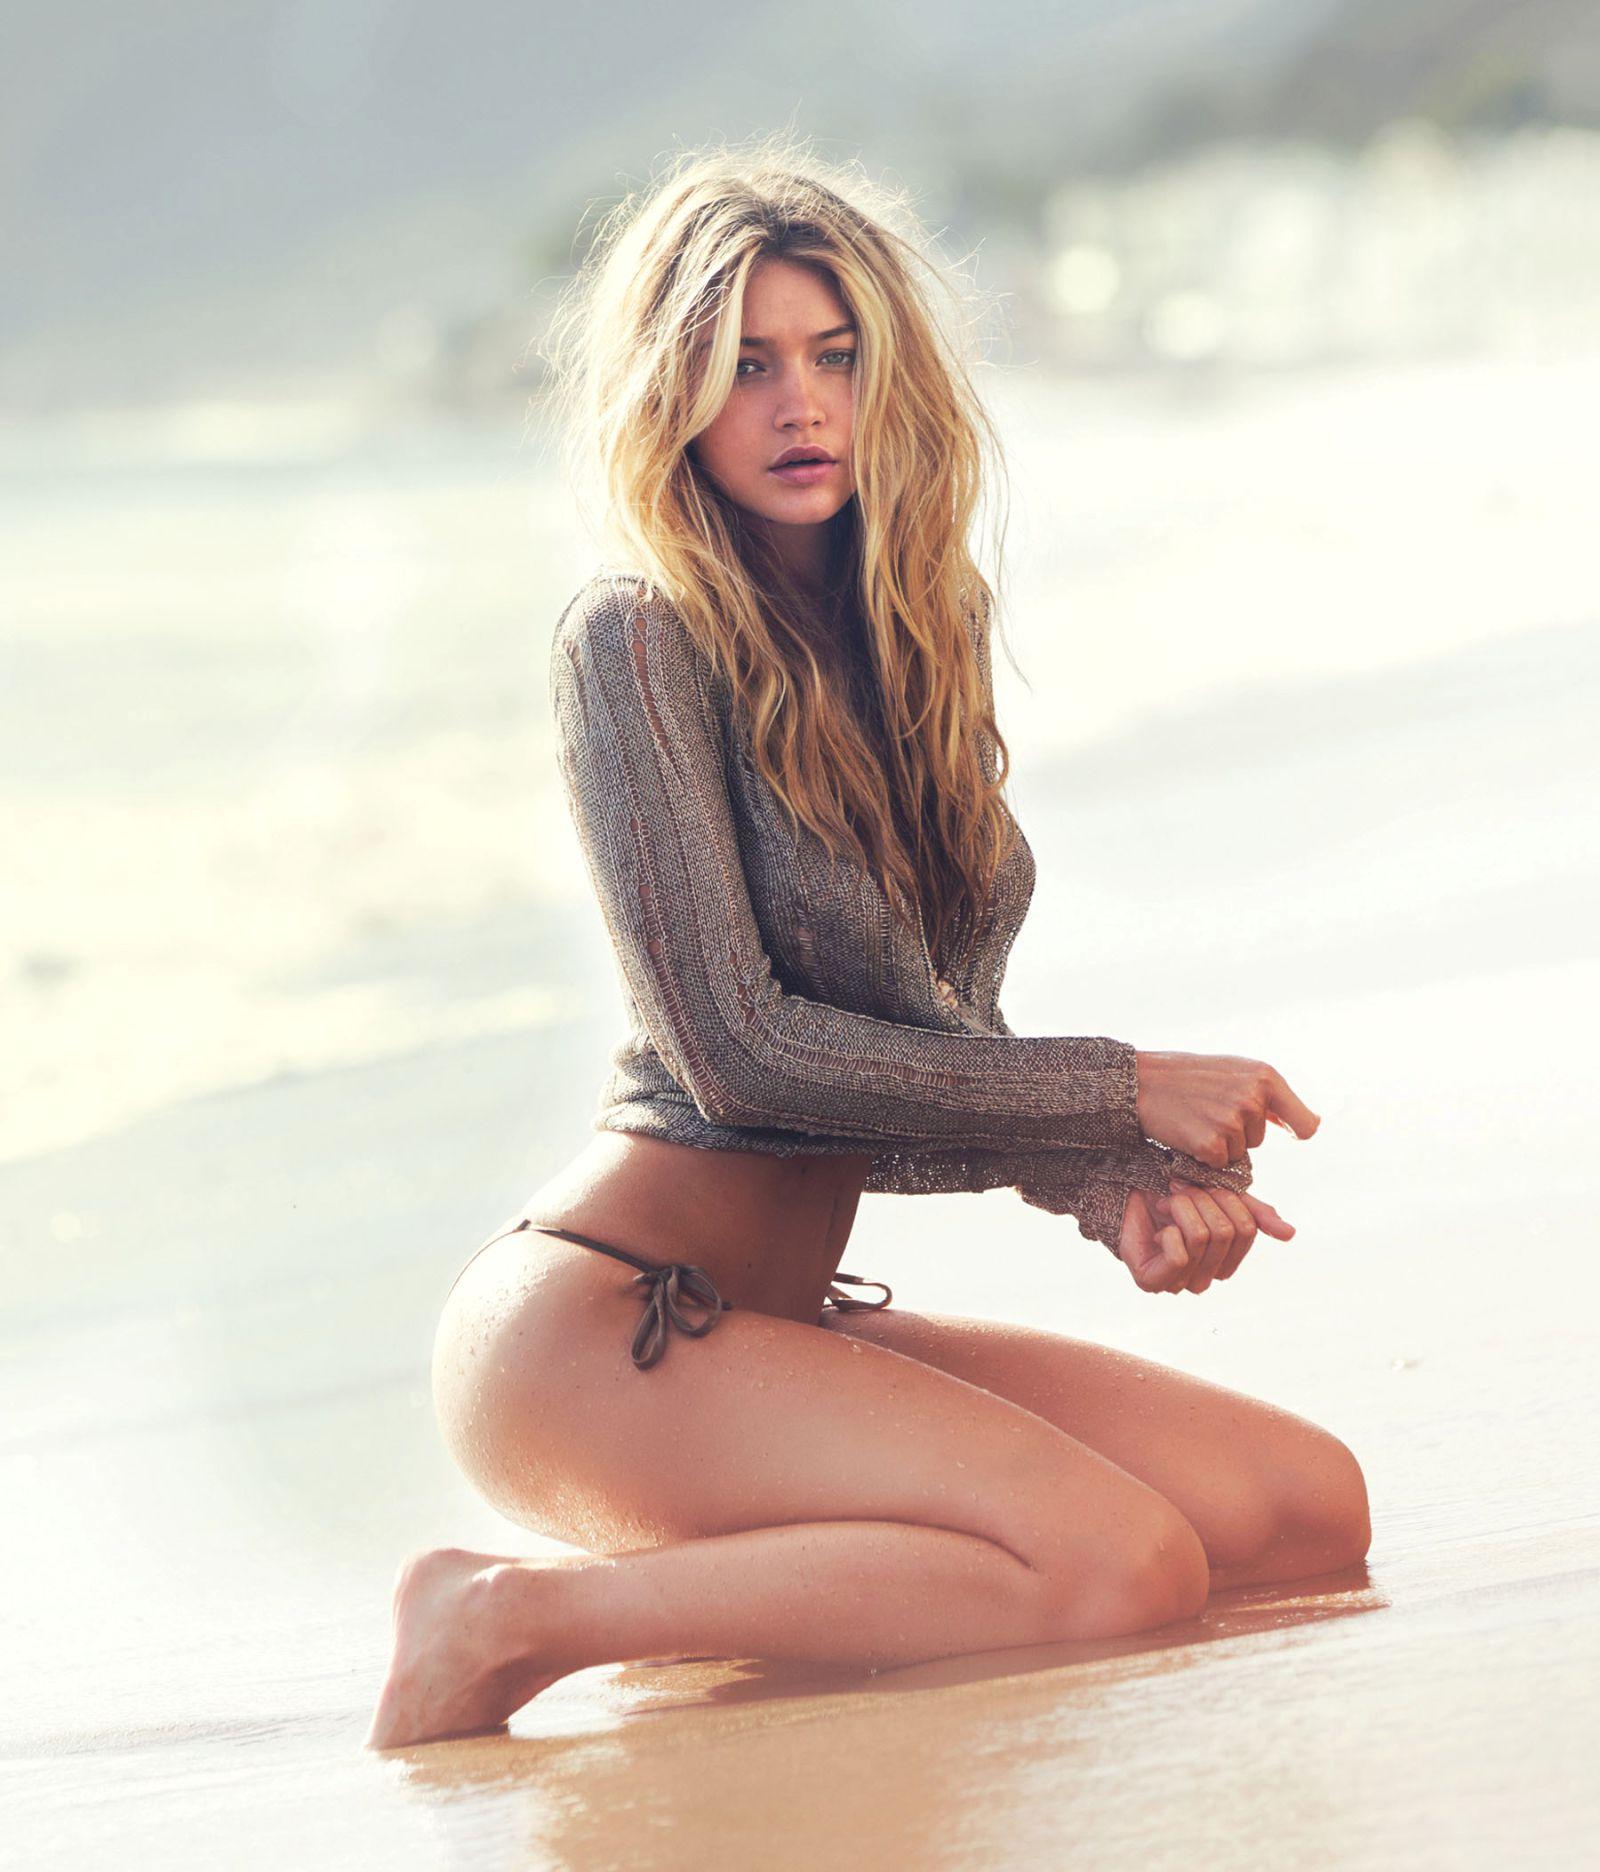 top-10-hottest-blonde-models-03